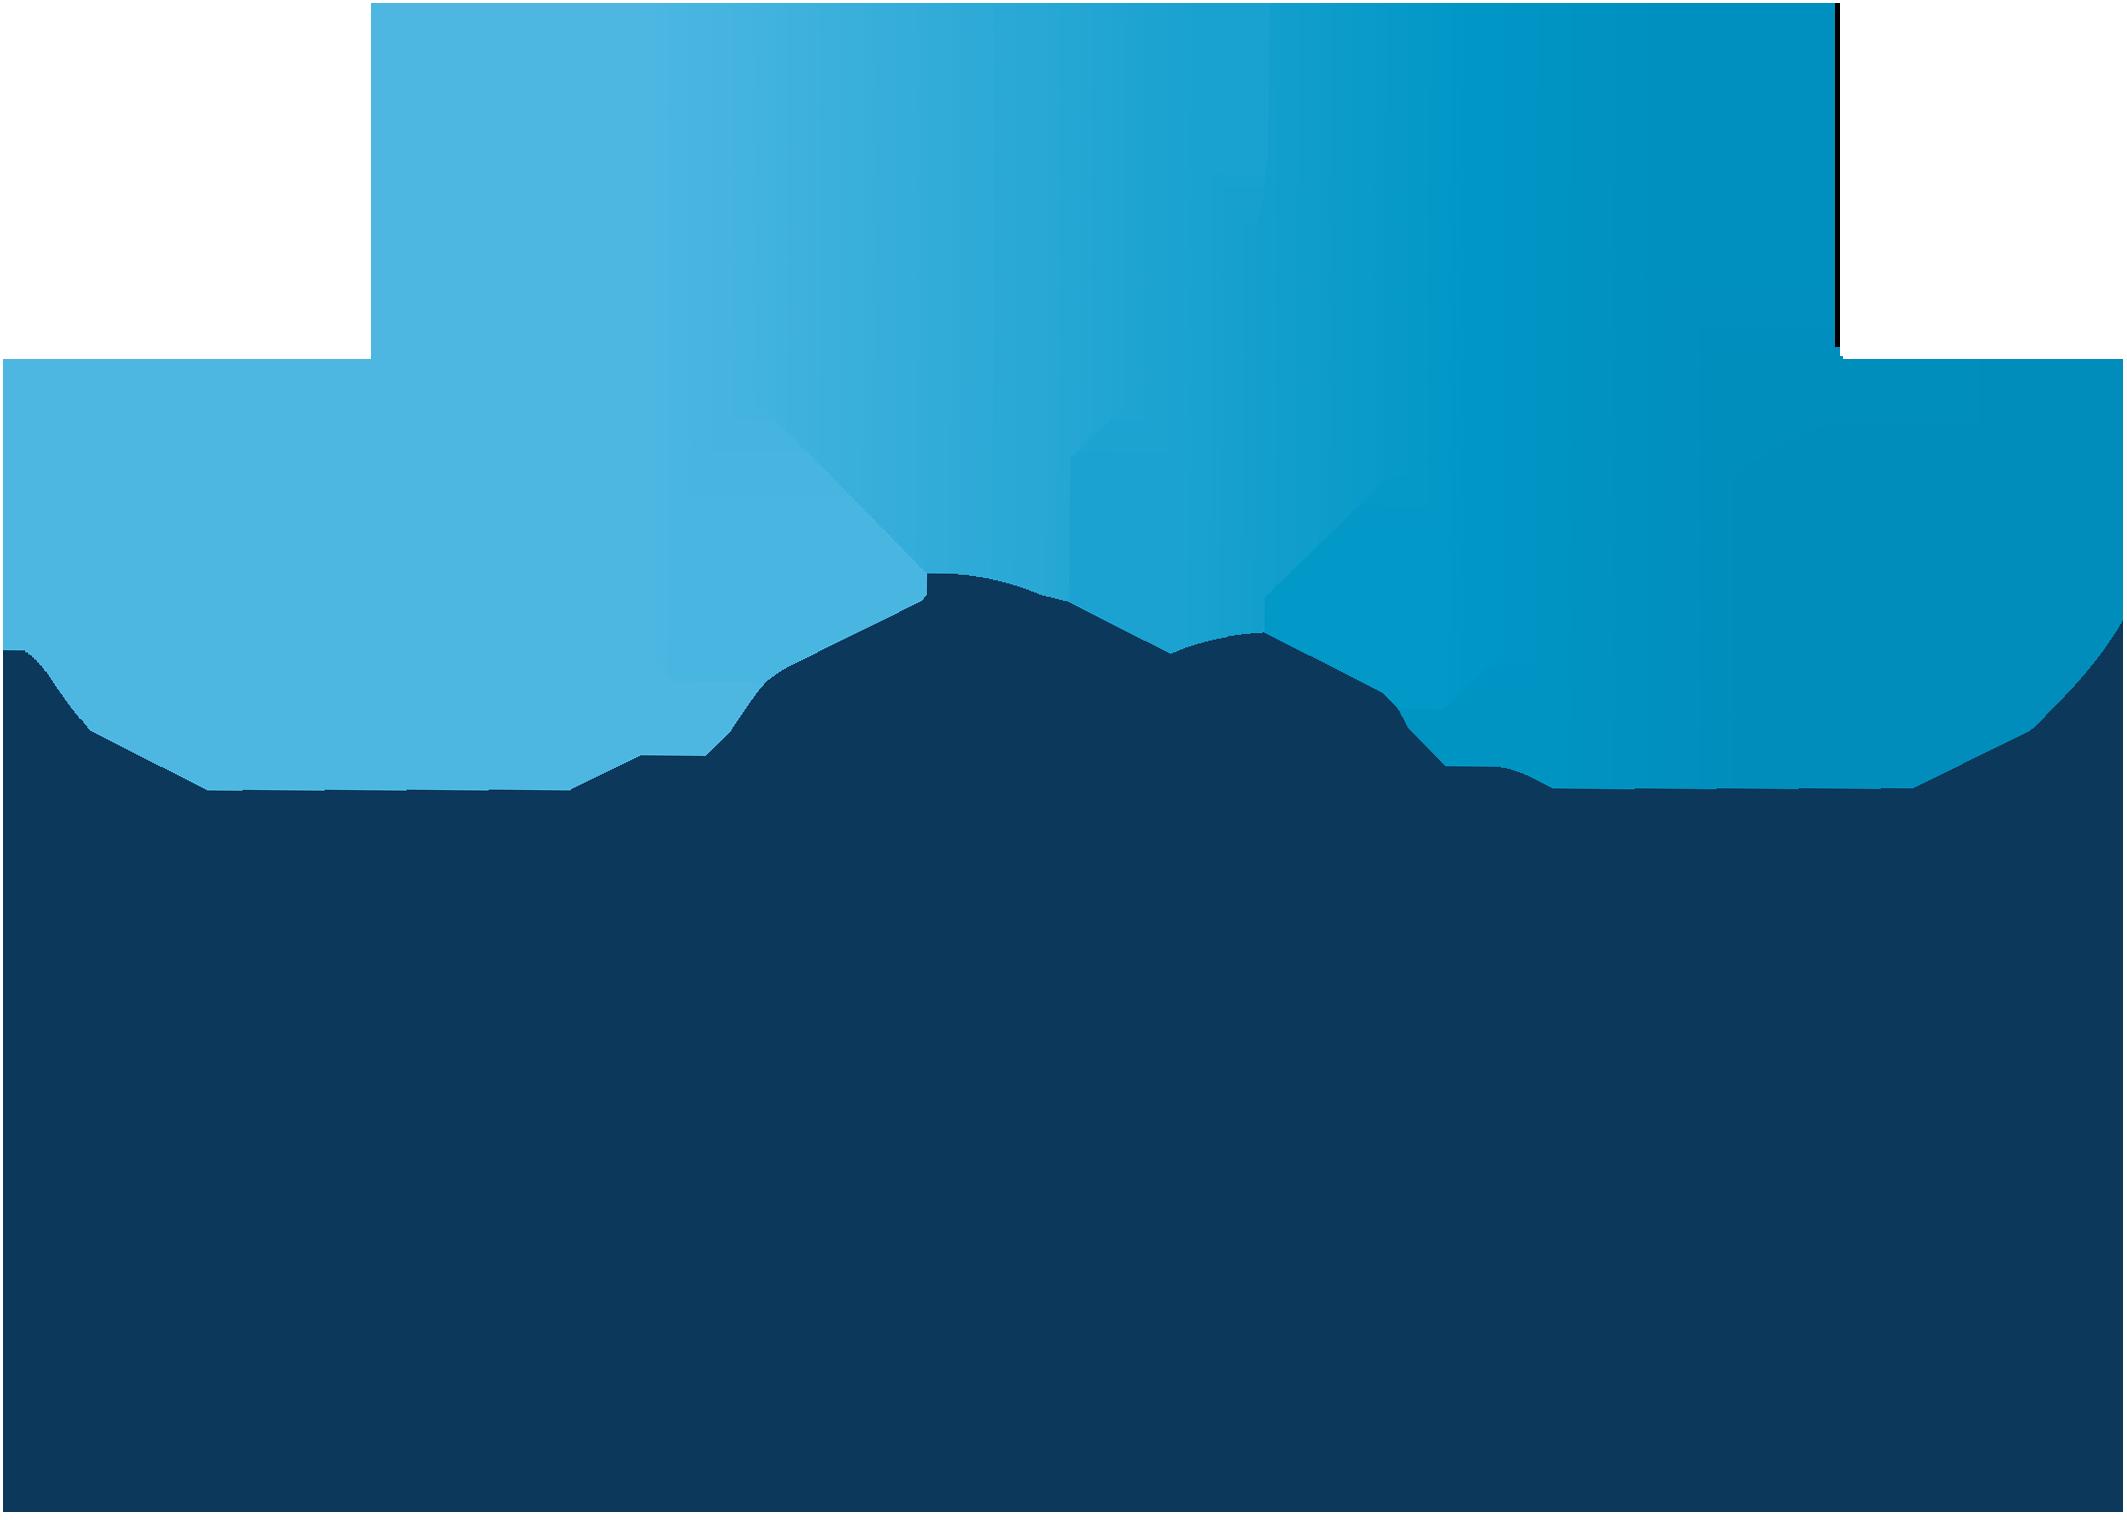 サイバーセキュリティクラウド、2020年GWのサイバー攻撃検知レポートを発表 2020年4月上旬と比較して ...